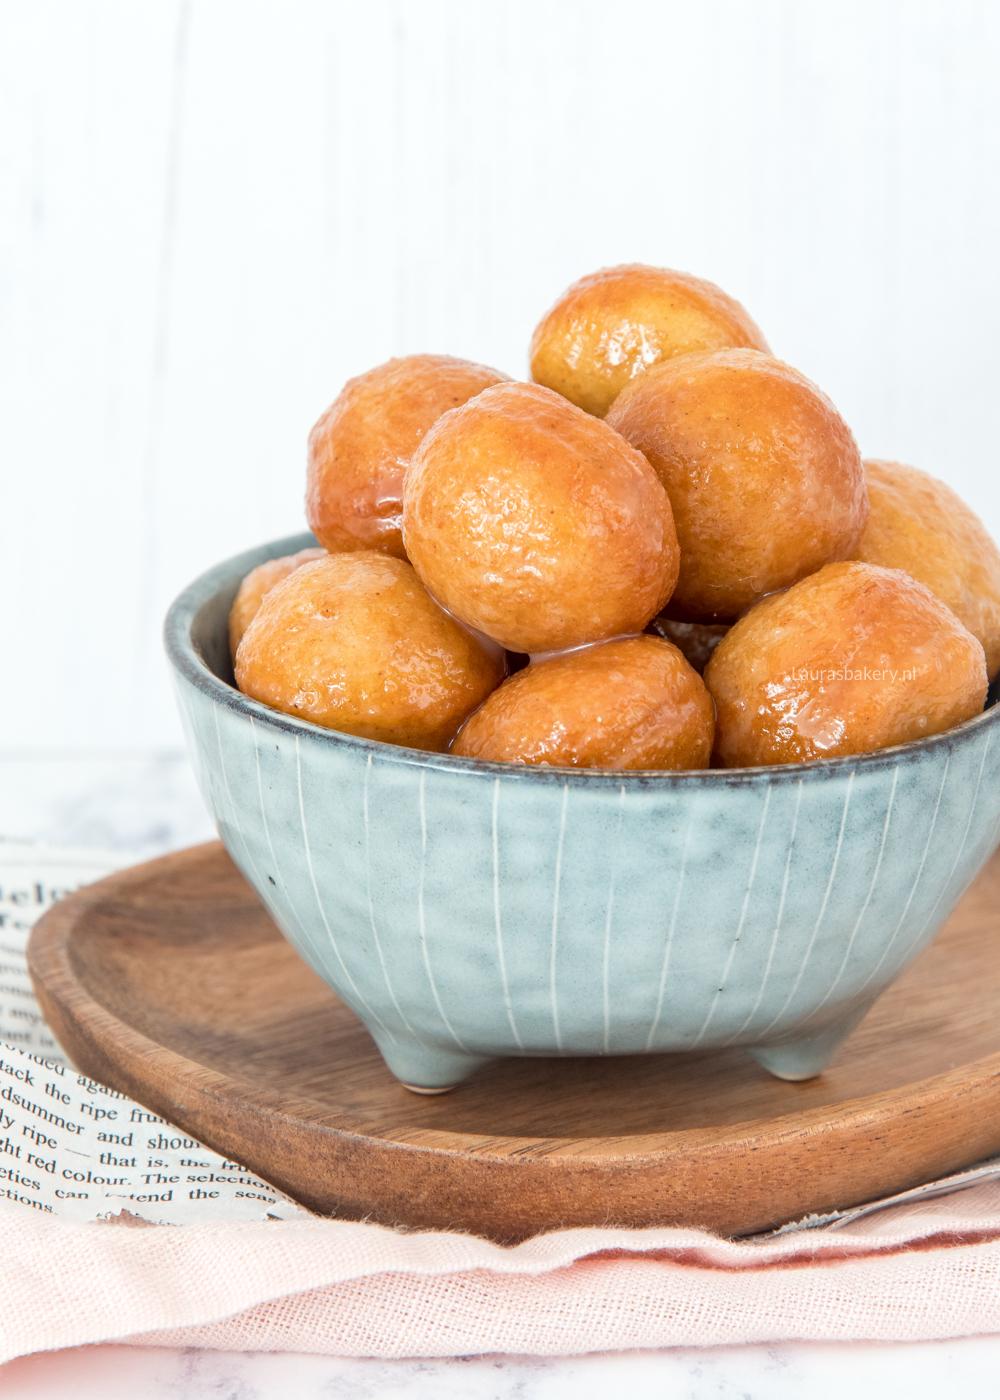 Donut balletjes met suikerglazuur